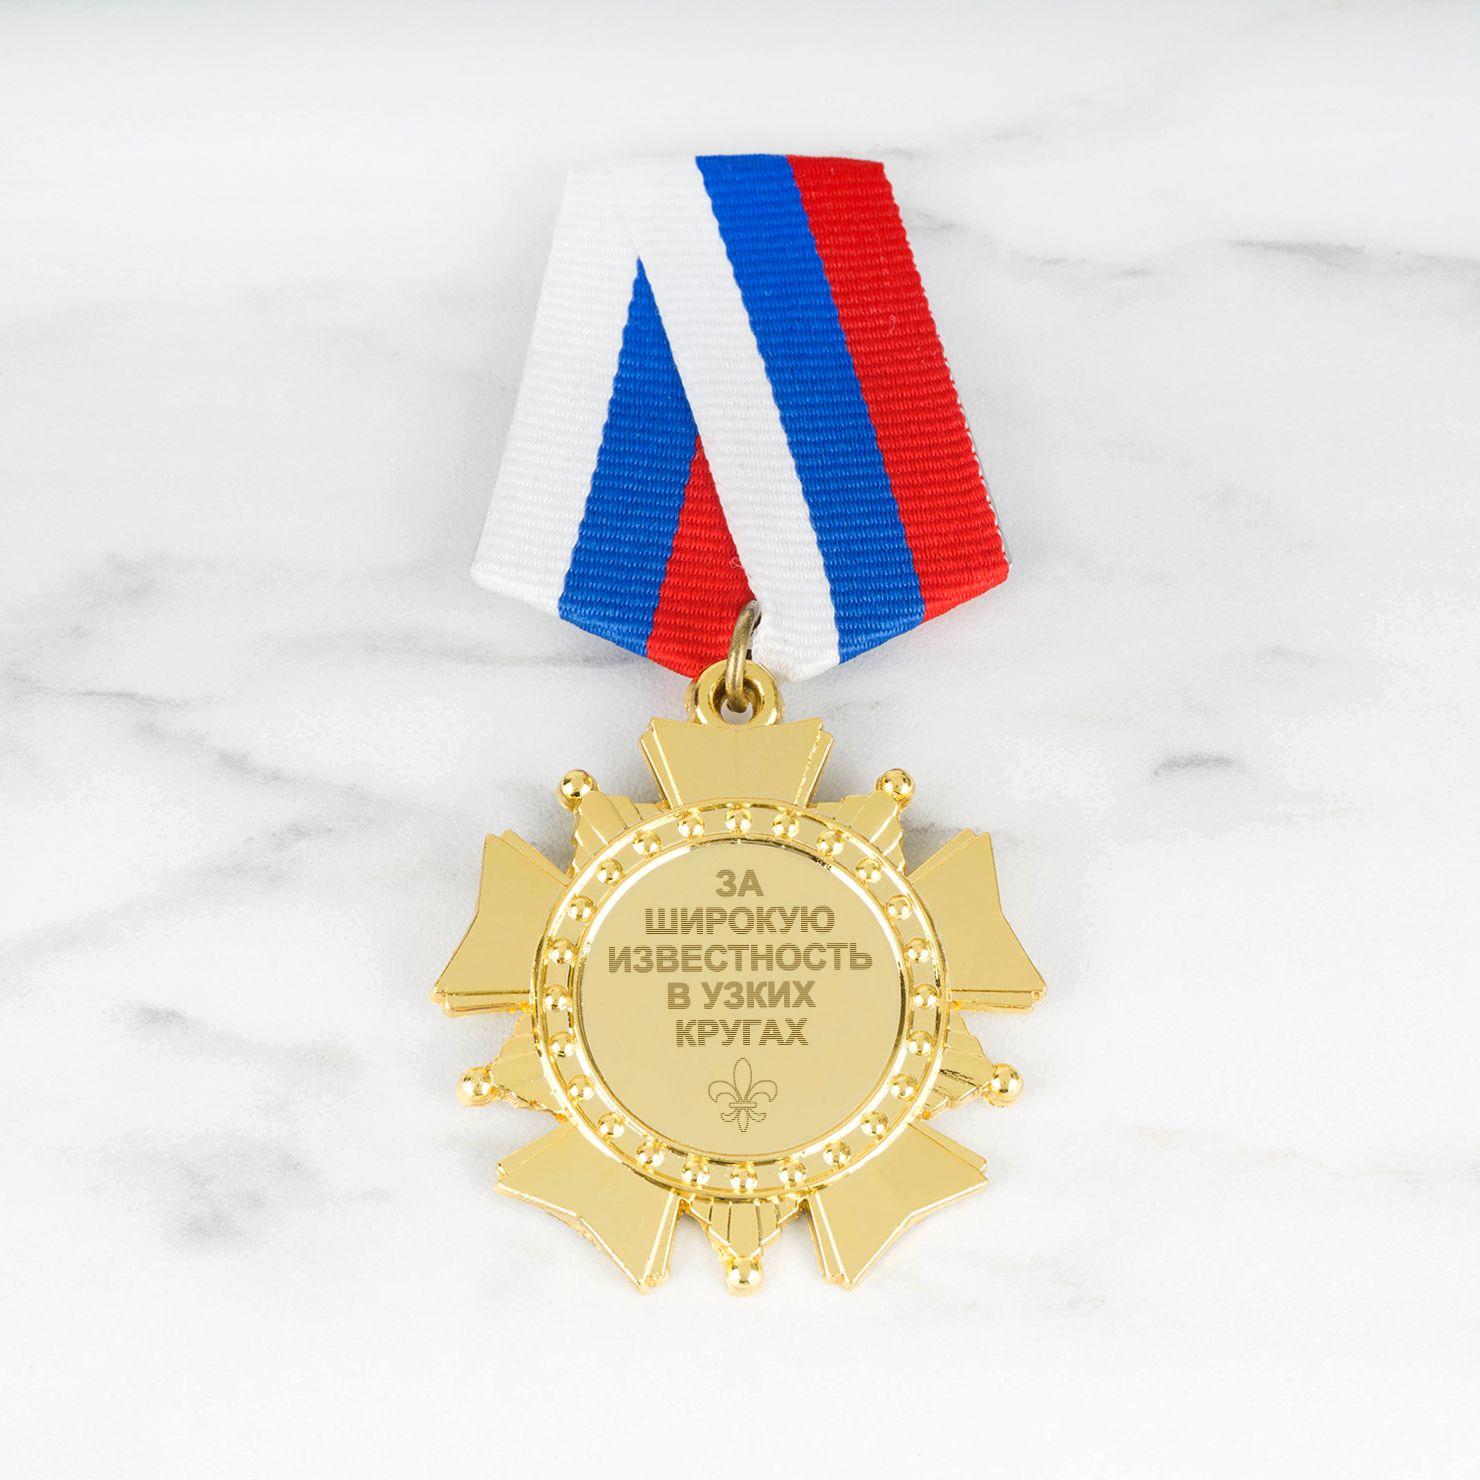 Орден *За широкую известность в узких кругах*